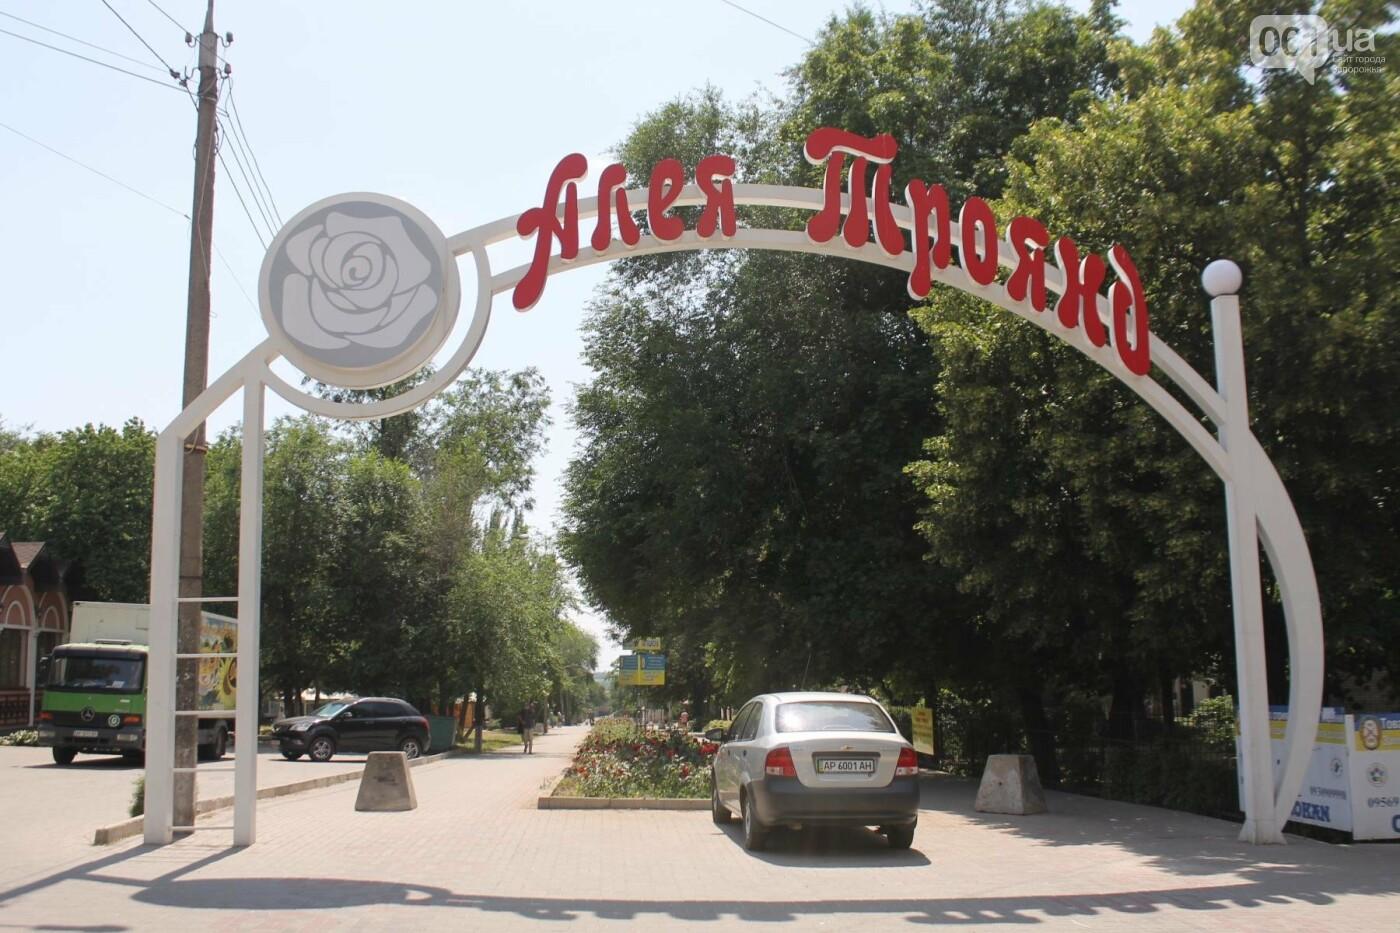 На Якова Новицкого в Запорожье возобновили реконструкцию пешеходной аллеи: обещают закончить до конца лета, – ФОТОРЕПОРТАЖ, фото-1